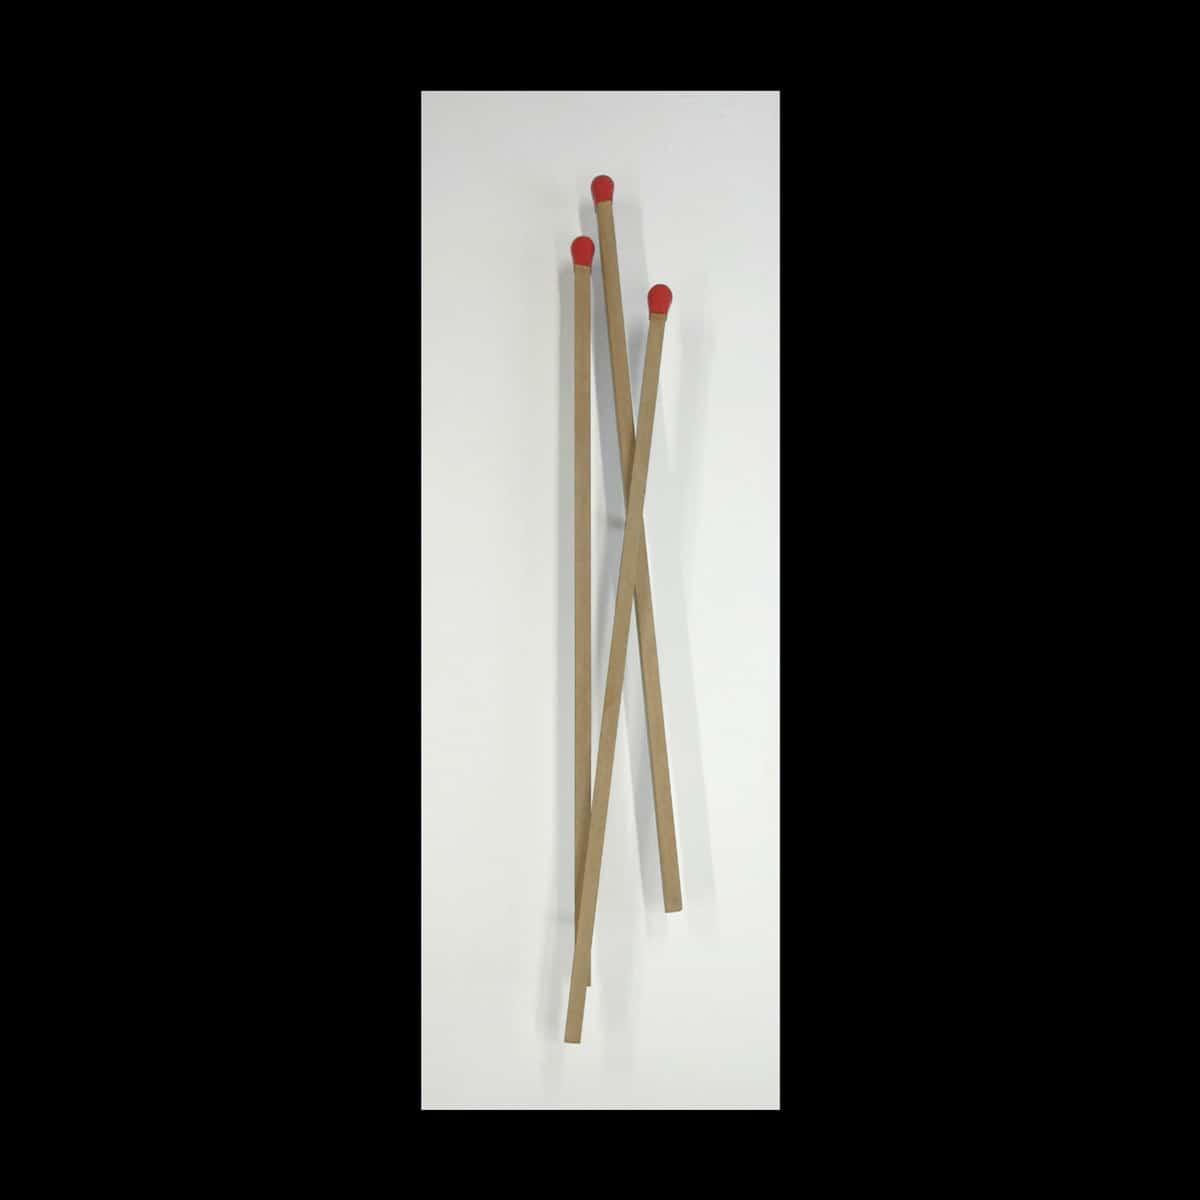 Raymond Hains, Sans titre (Trois allumettes entrecroisées), 2005. Bronze à la cire perdue, patiné, 7/8. 158 x 52 x 15 cm